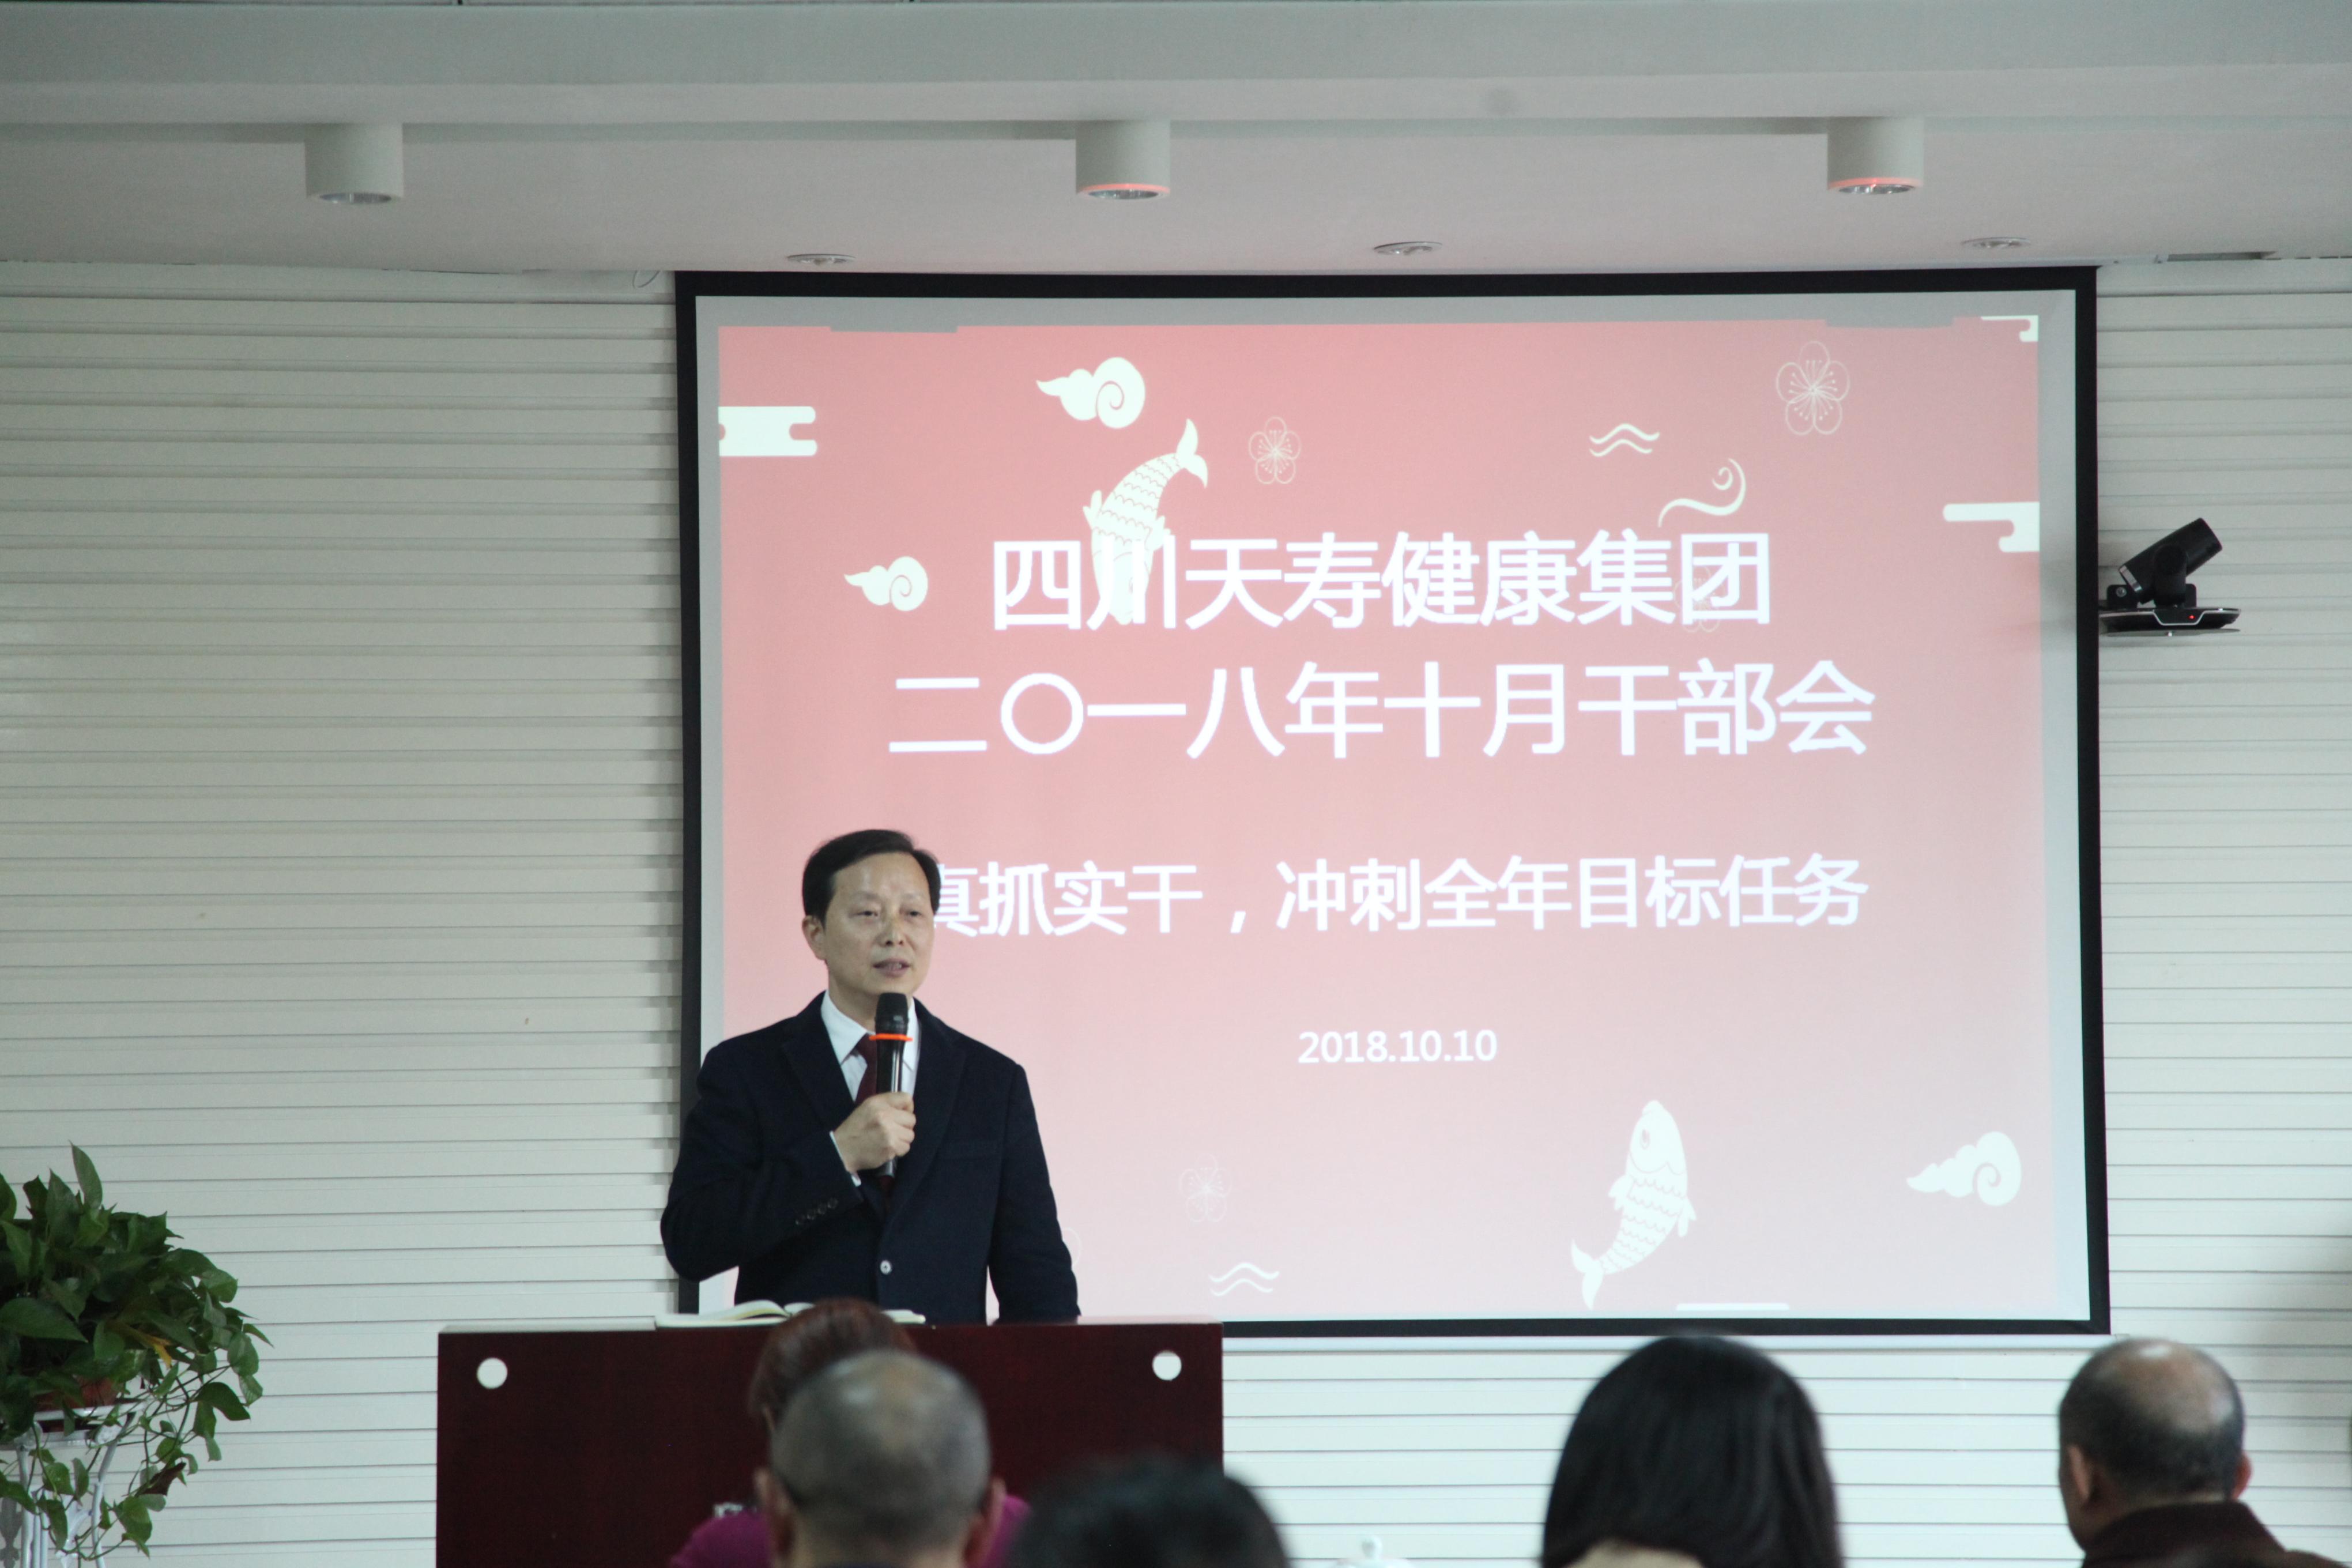 四川天寿健康集团公司召开十月干部会